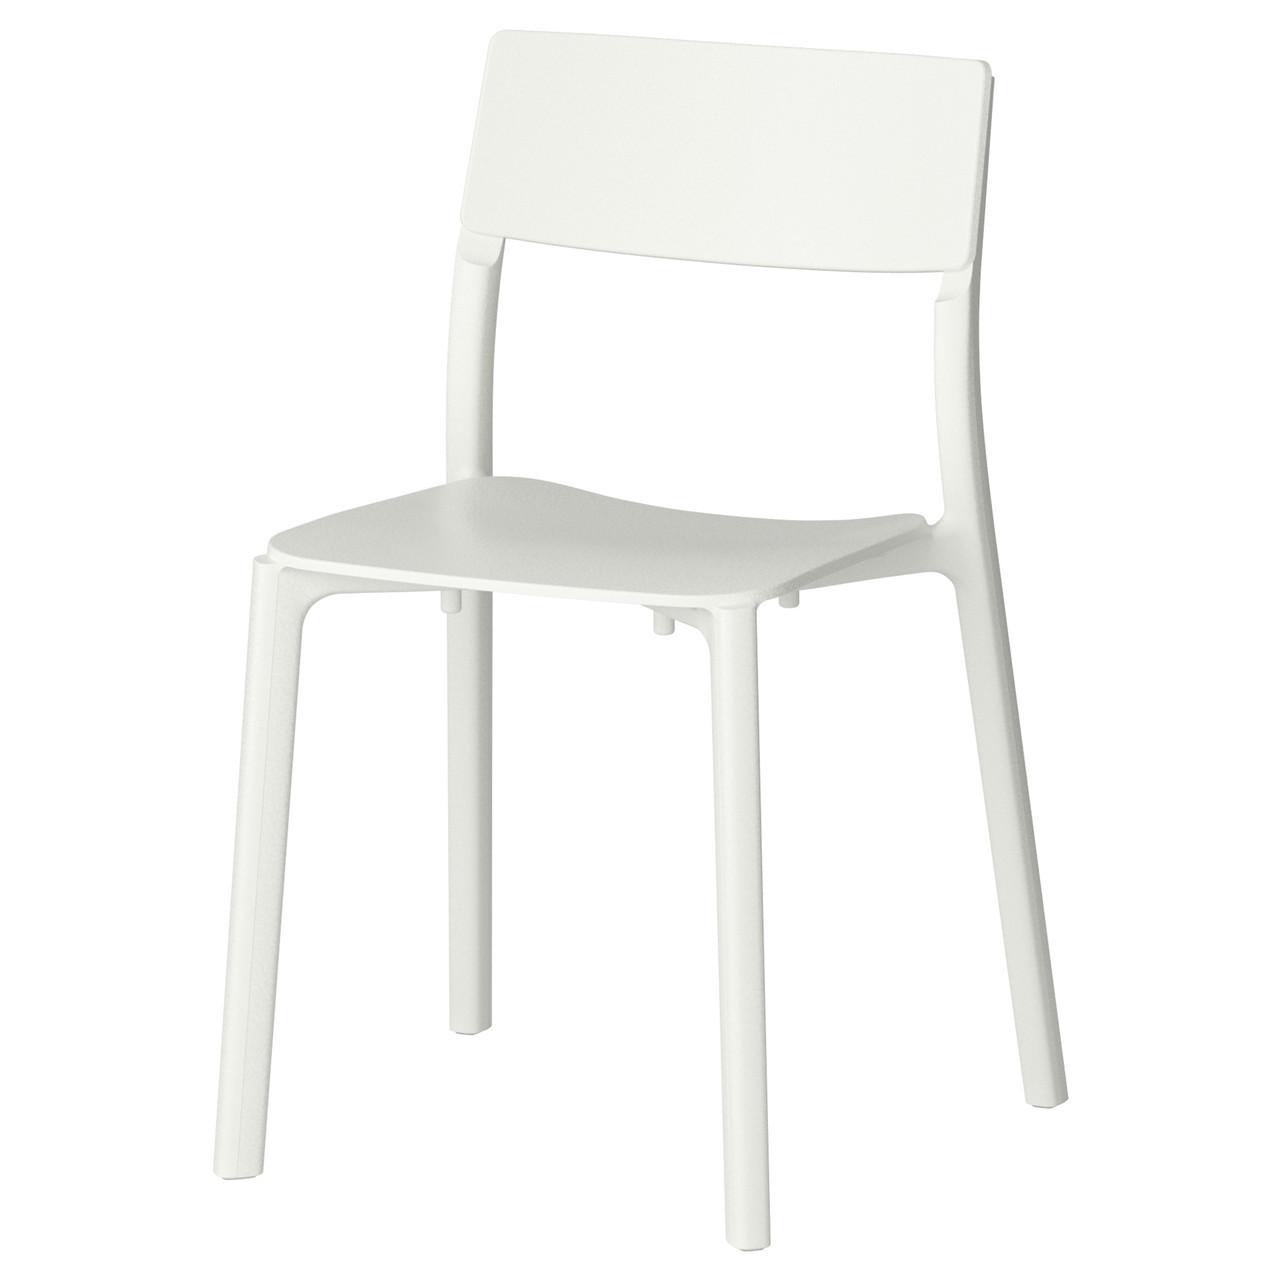 Стул рабочий IKEA JANINGE белый 002.460.78